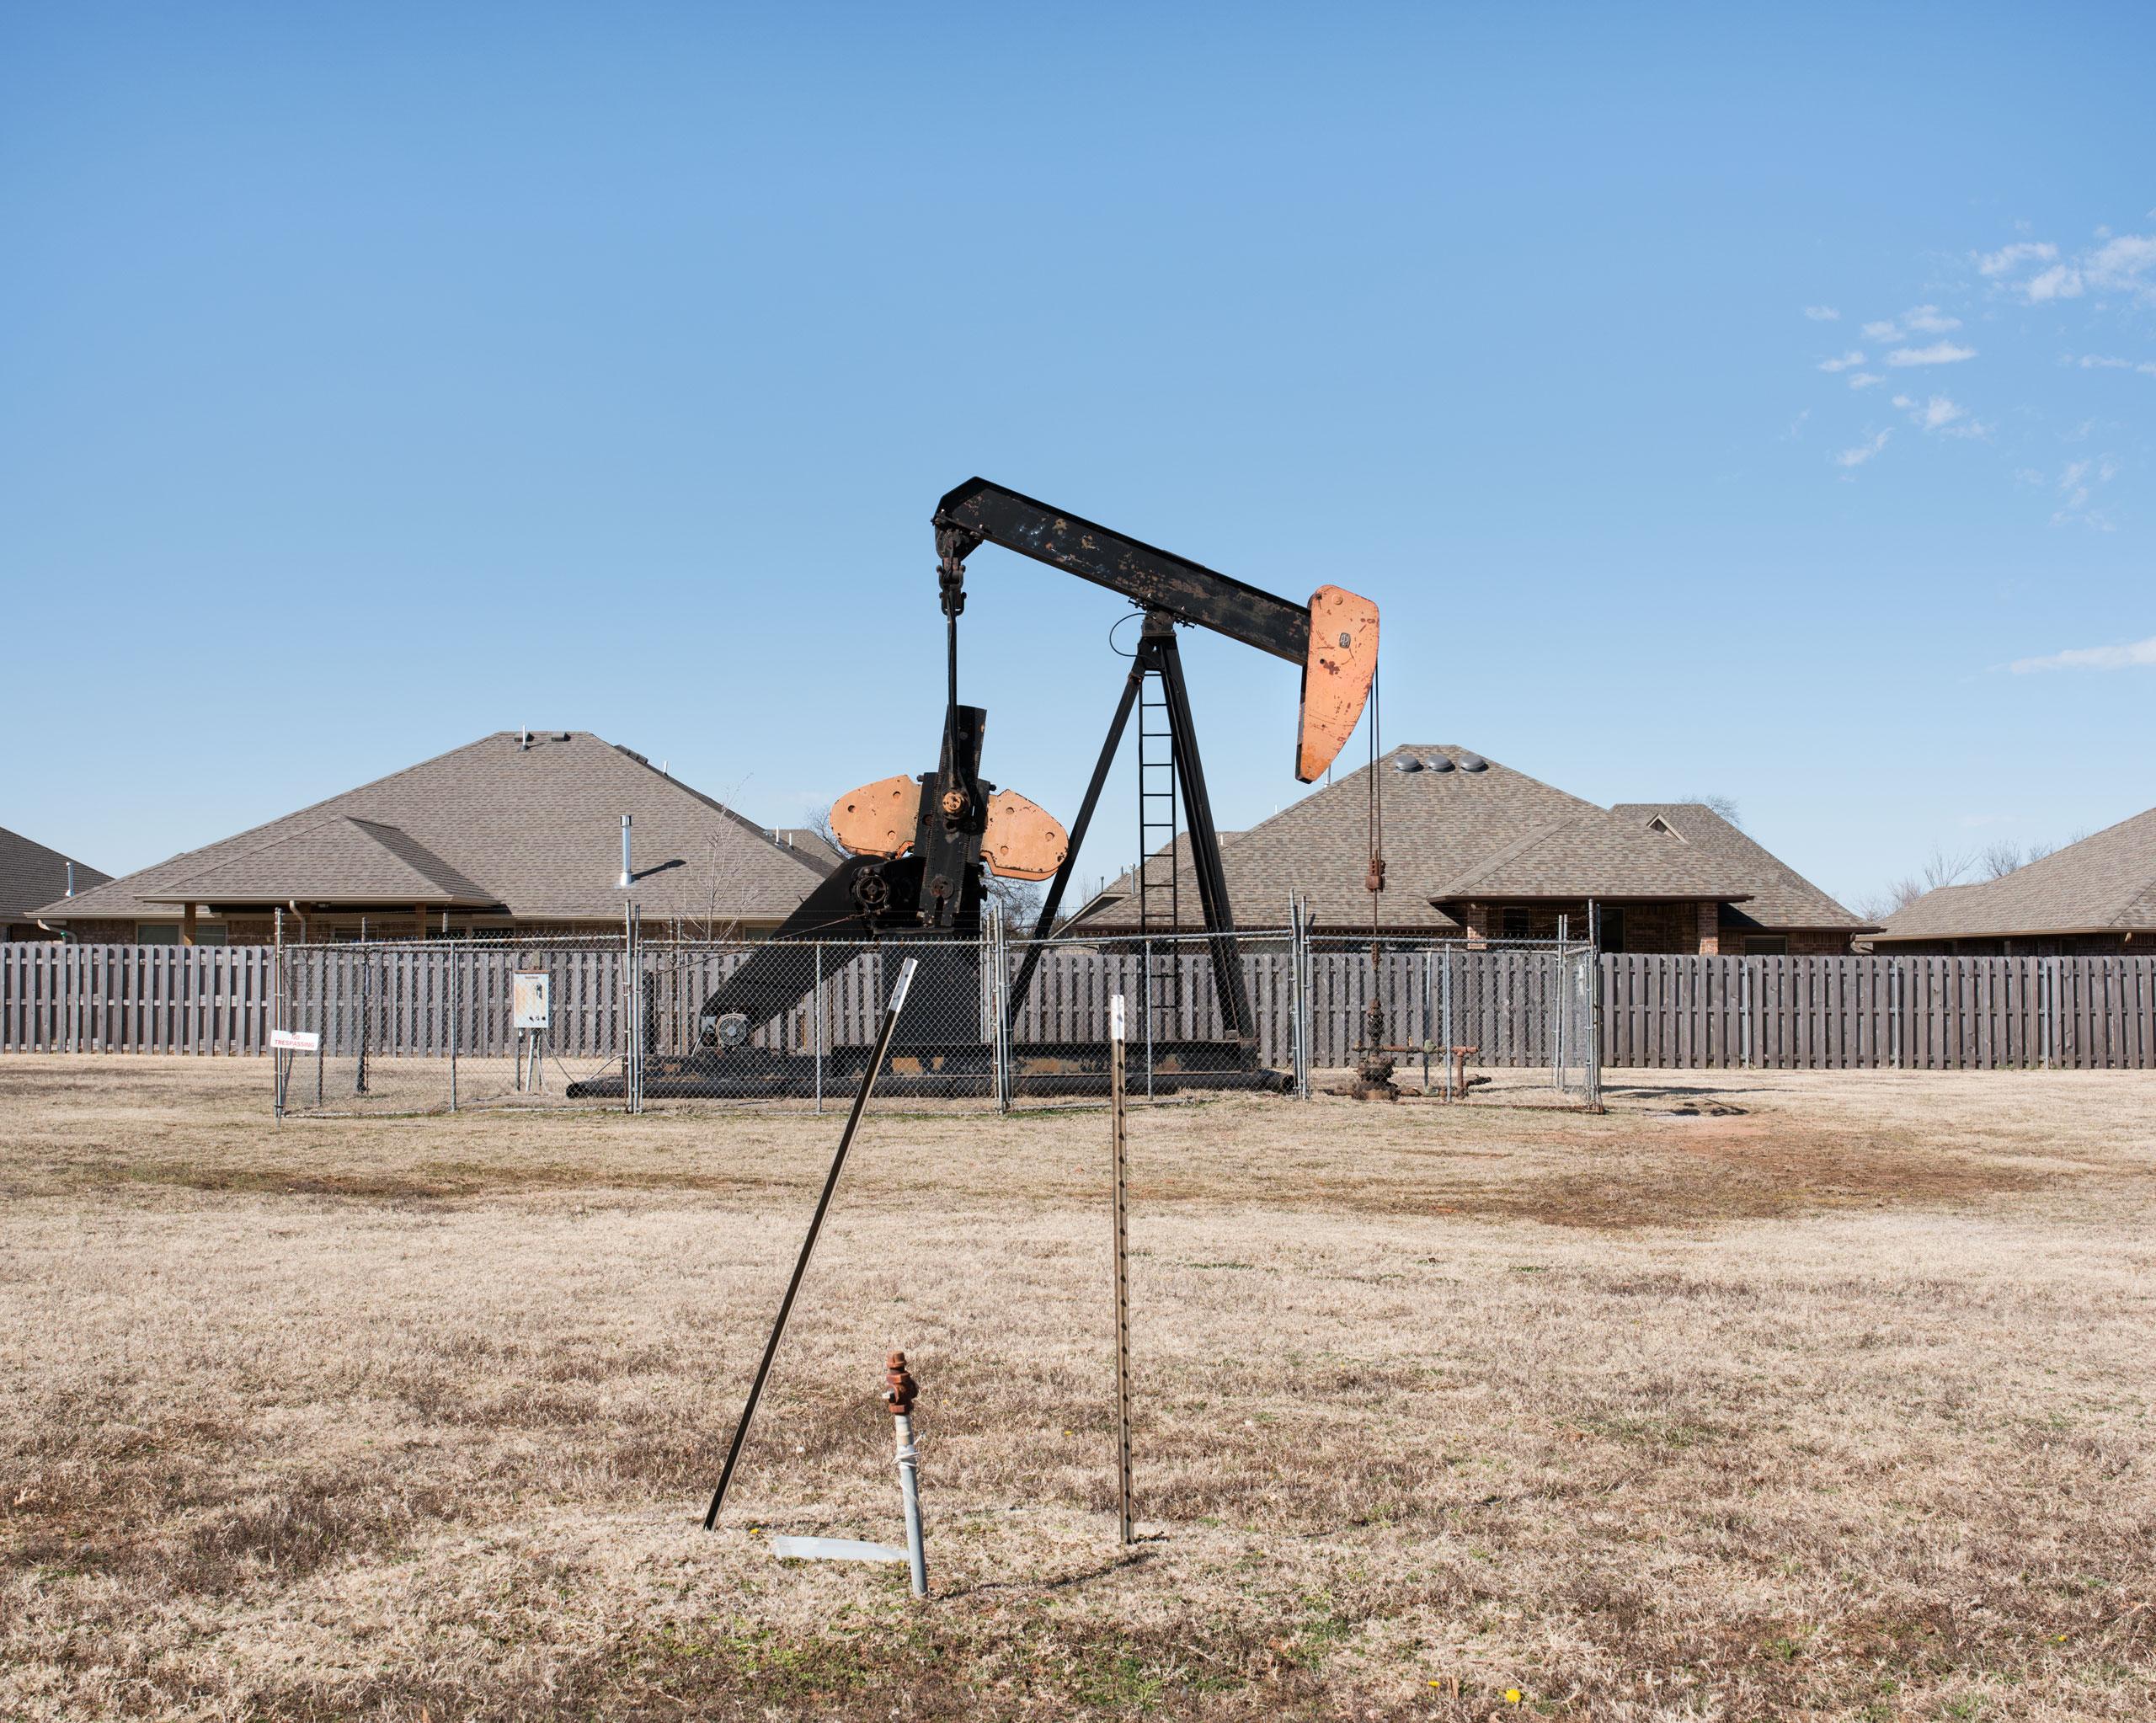 An oil pumpjack, Edmond, OK